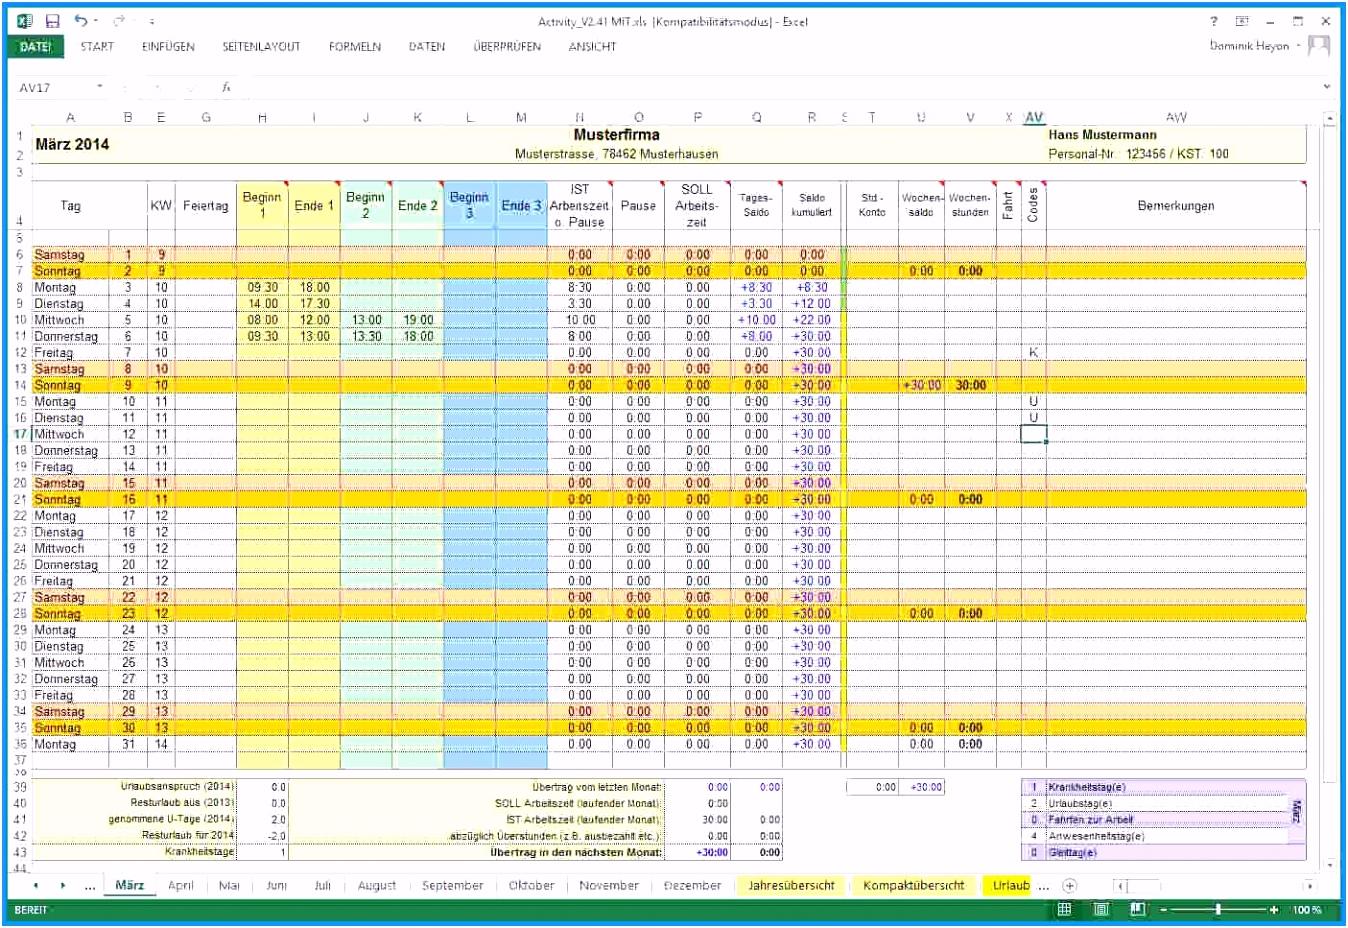 Stundenzettel Excel Vorlage Kostenlos 2016